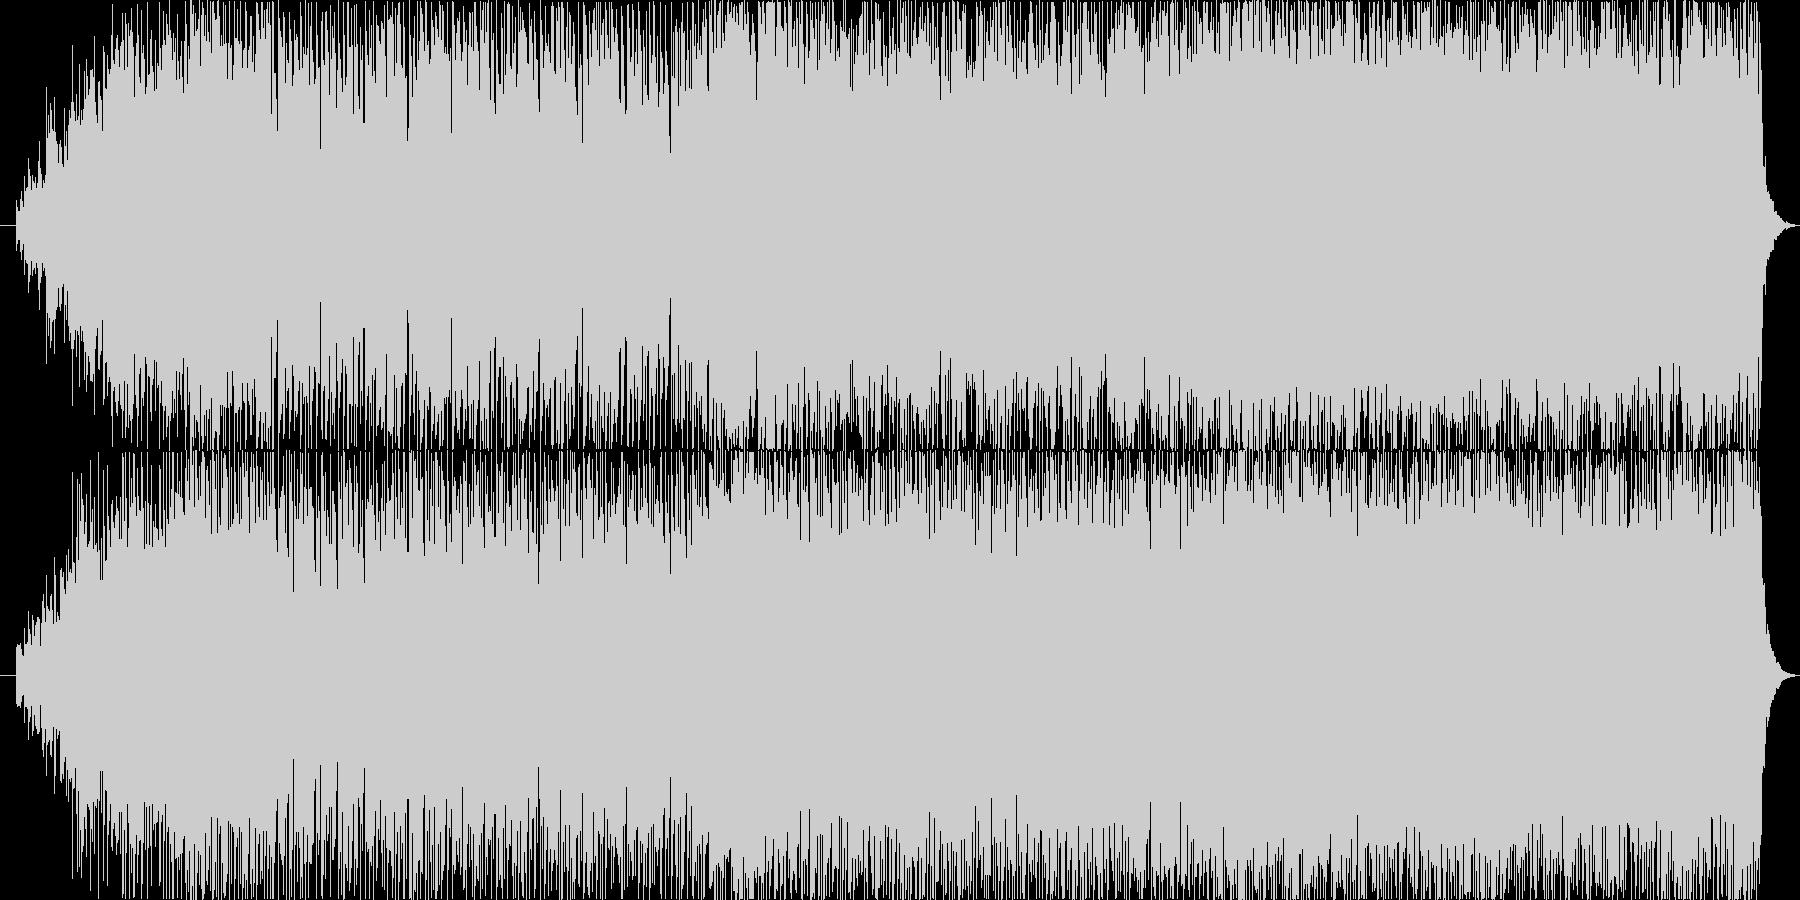 ワクワクするようなエレクトロポップの未再生の波形